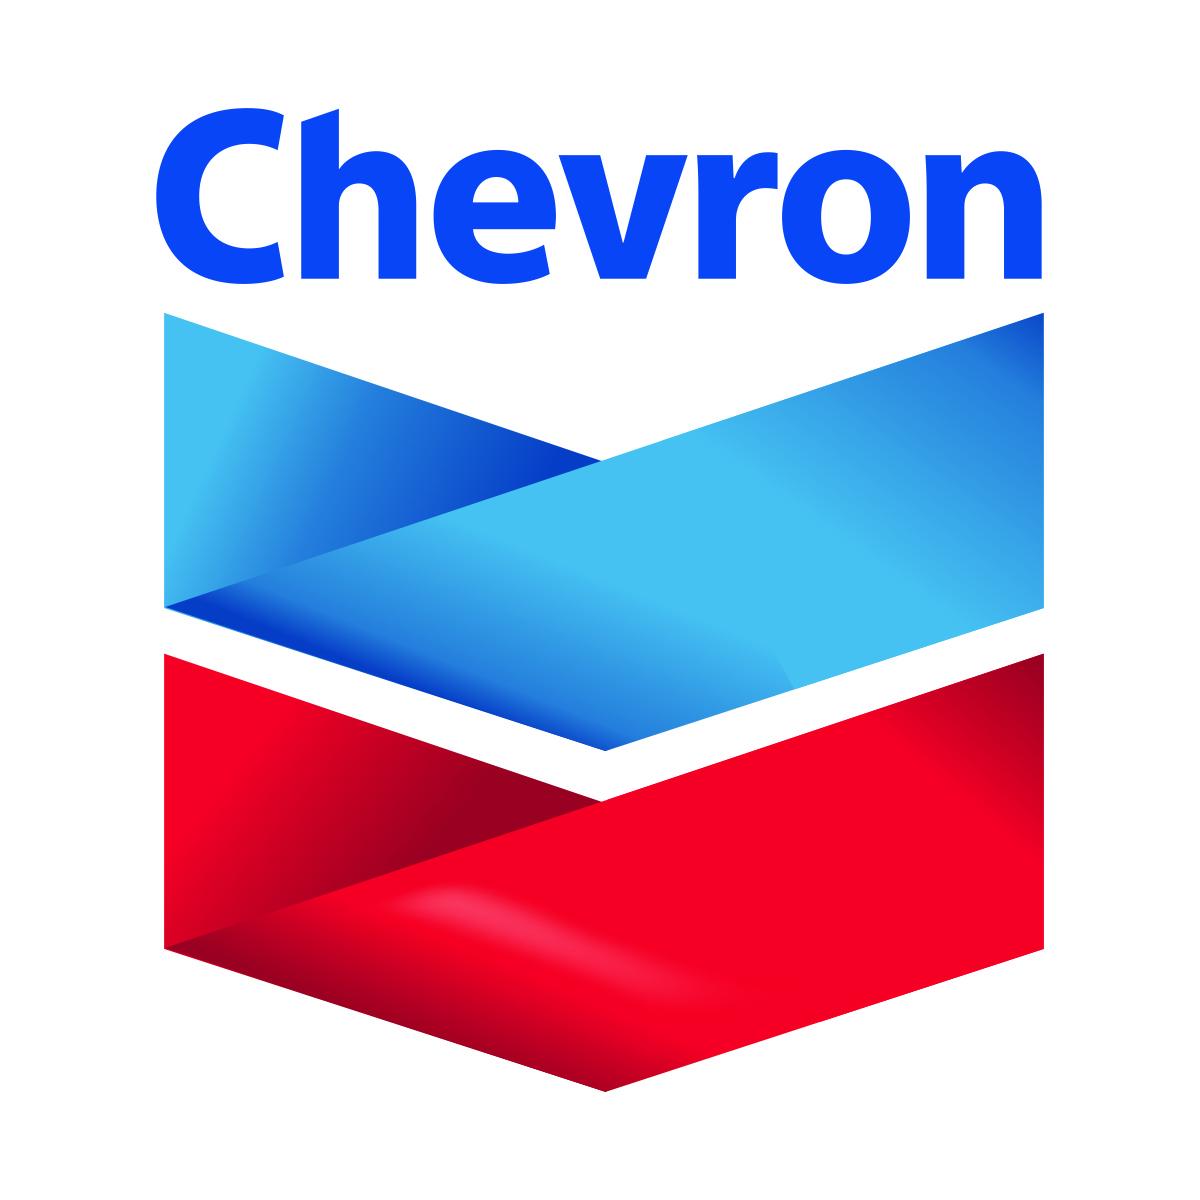 https://secureservercdn.net/45.40.150.47/08r.a40.myftpupload.com/wp-content/uploads/2019/04/Chevron.jpg